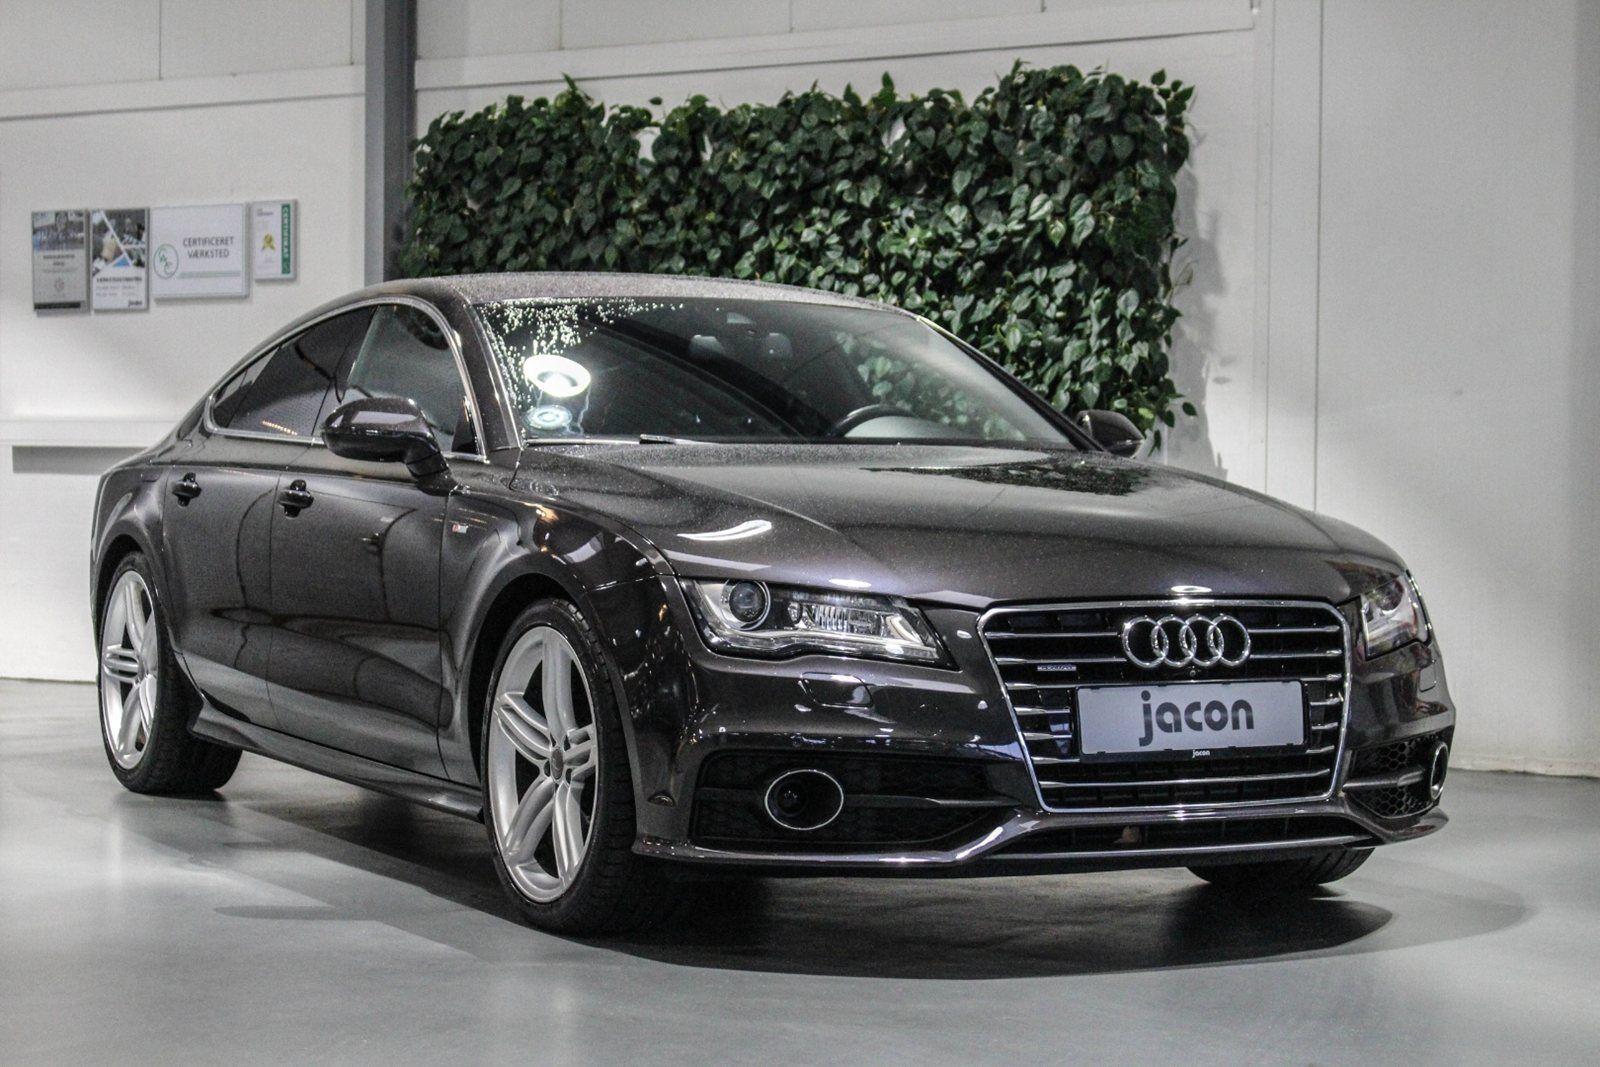 Audi A7 3,0 TDi 245 SB quattro S-tr. 5d - 499.900 kr.